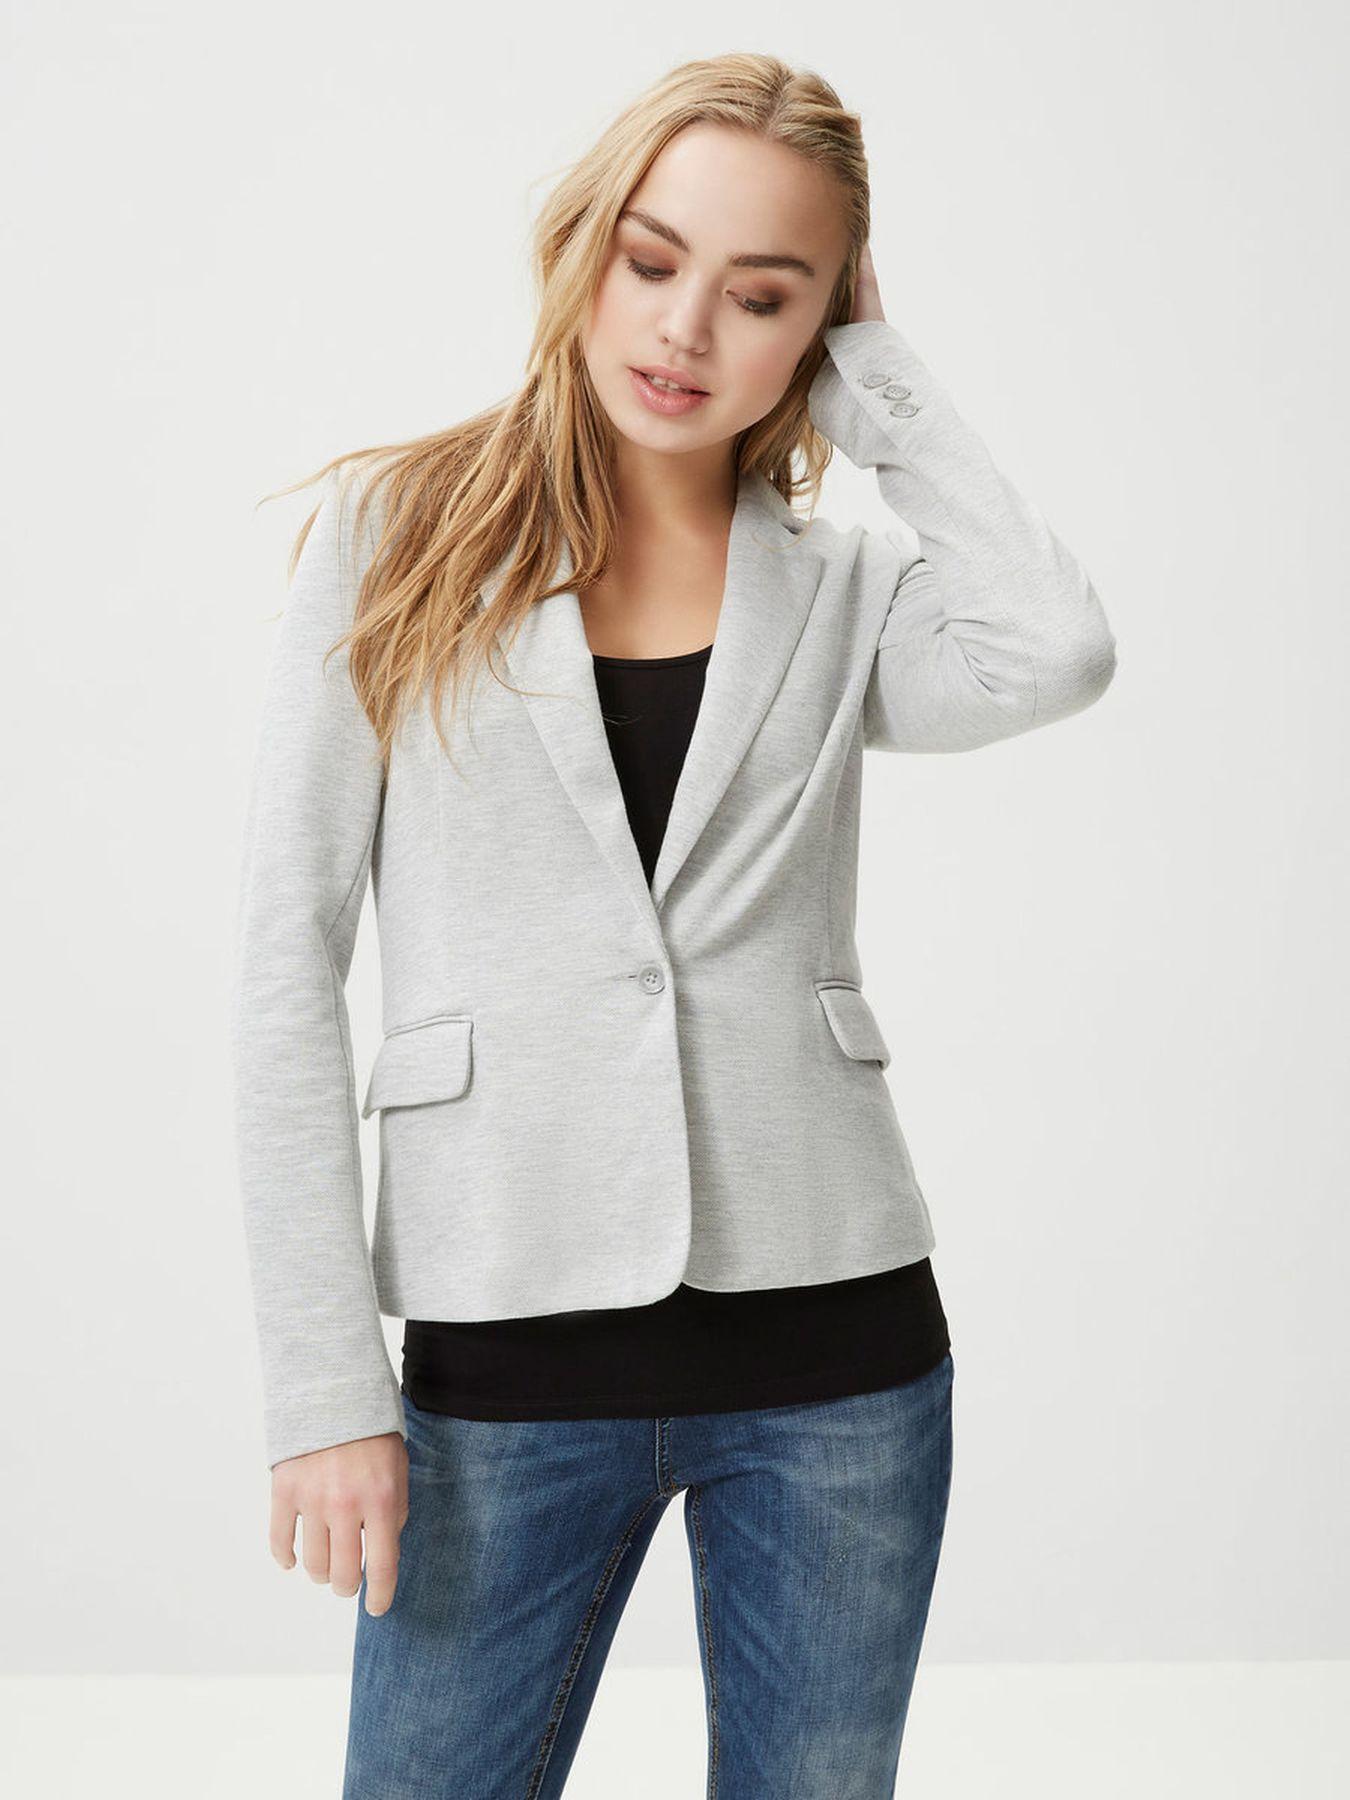 VERO MODA - Damen Jersey-Blazer in grau, schwarz,blau,Curry,rose oder Wine (10154123) – Bild 3